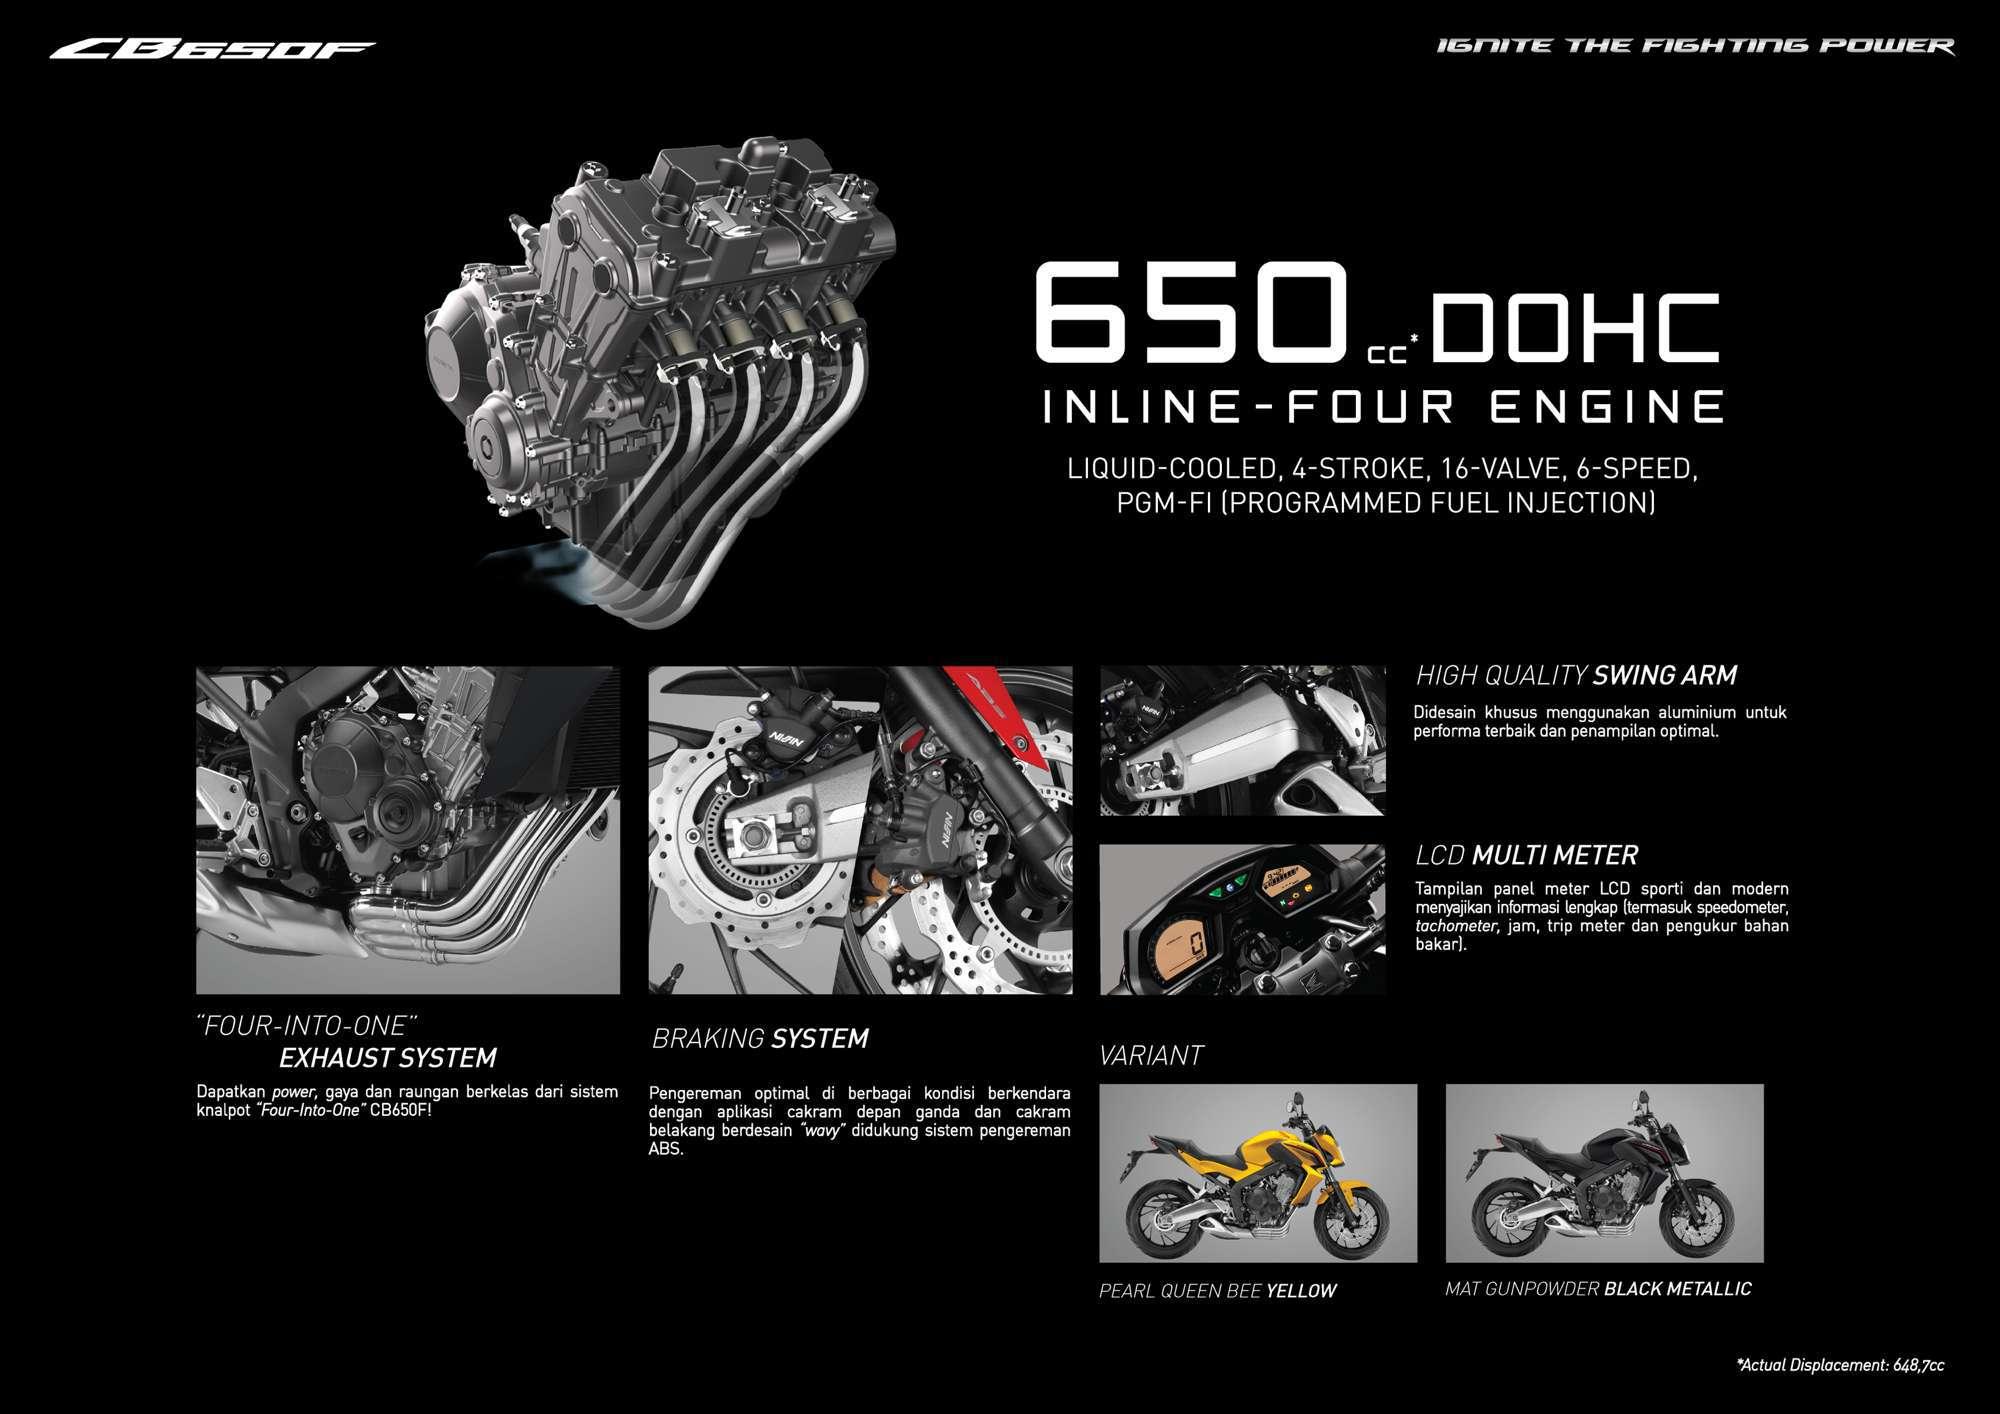 Brosur Motor Honda CB650F - 2